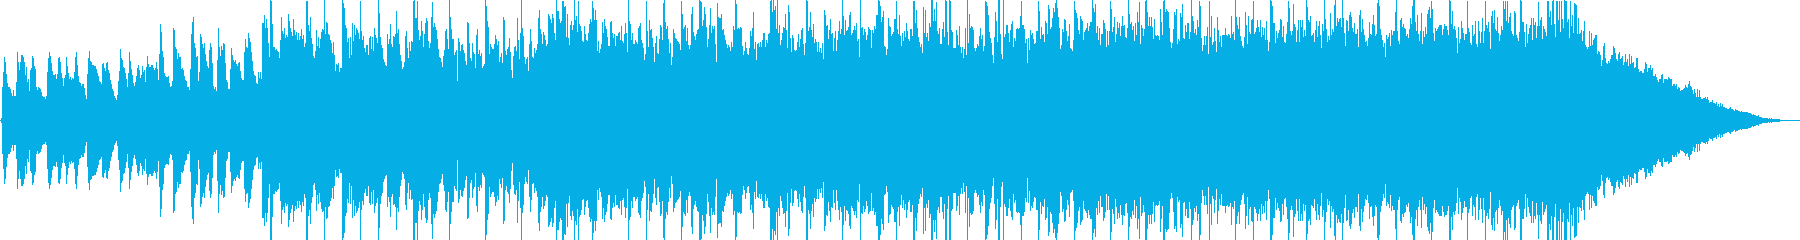 メタル インディーズ ロック ポッ...の再生済みの波形